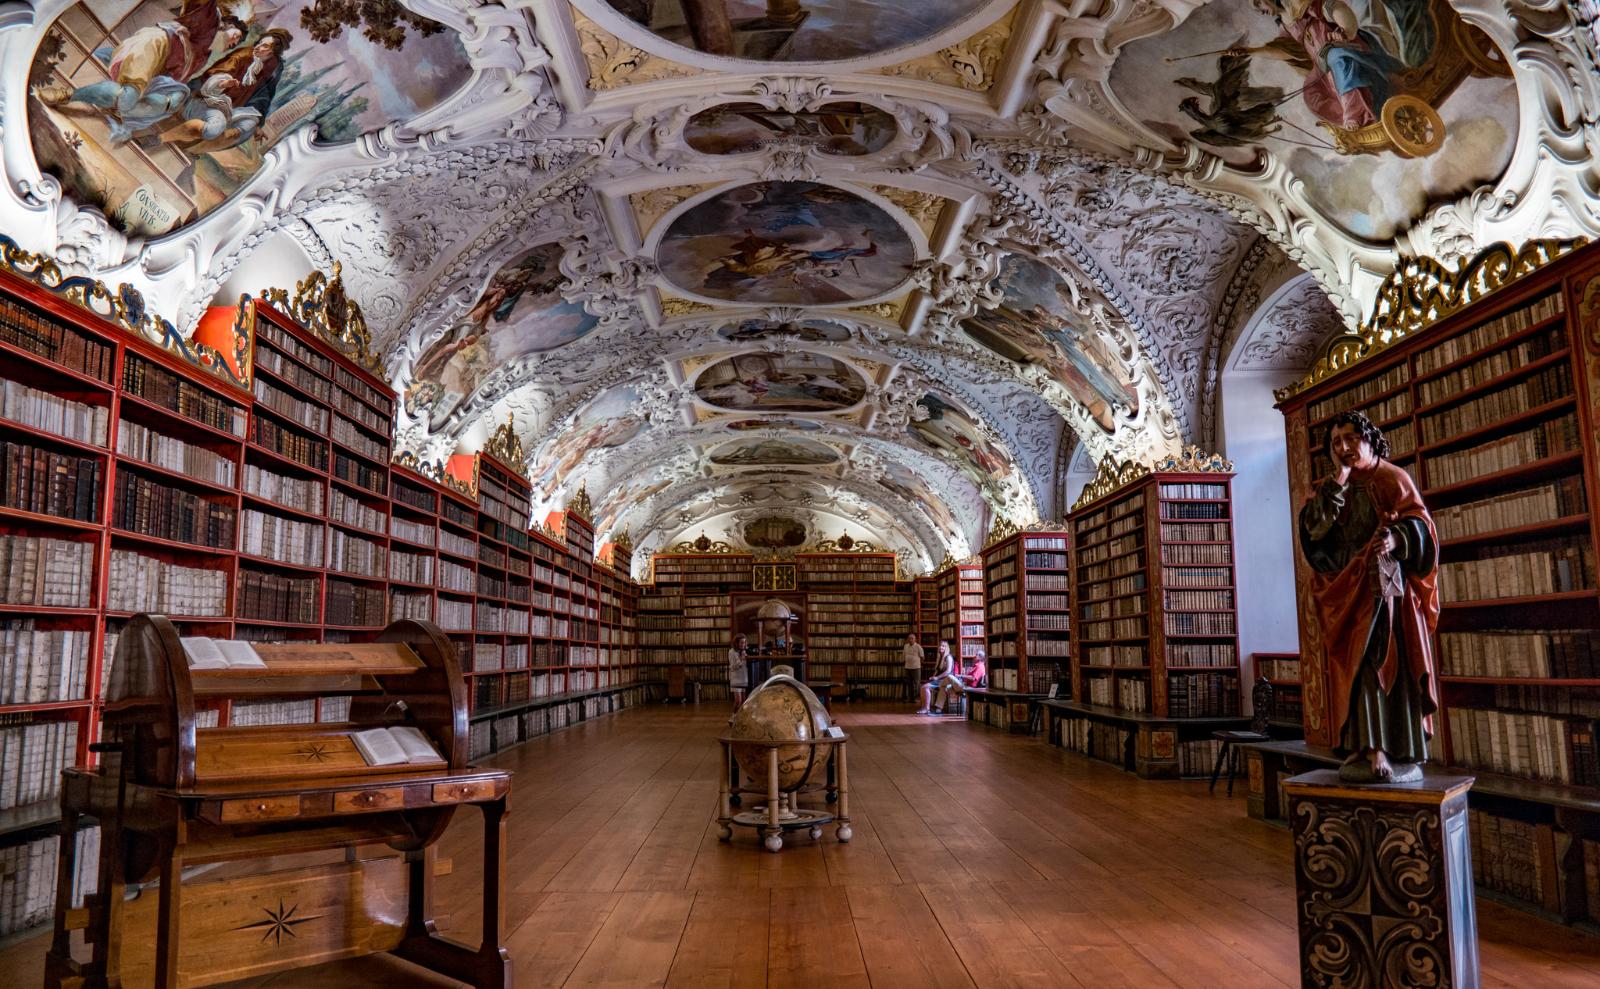 strahov monastery library in prague